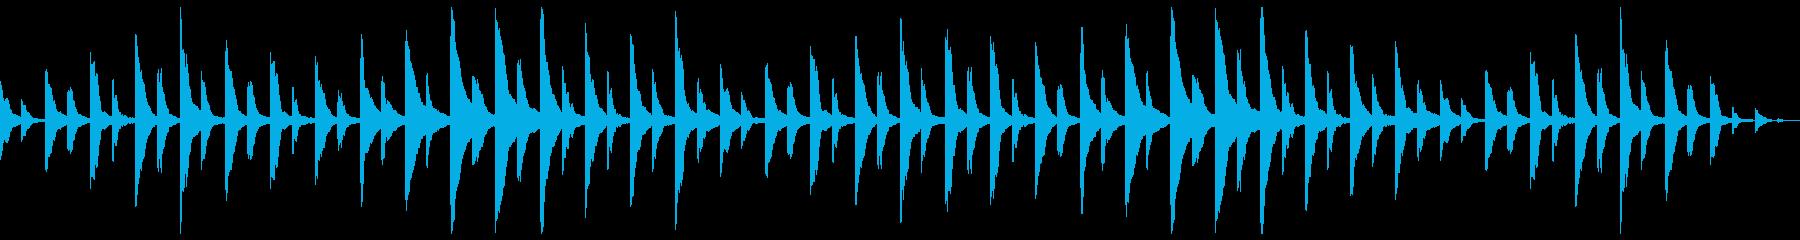 悲嘆な空気を感じさせる曲の再生済みの波形